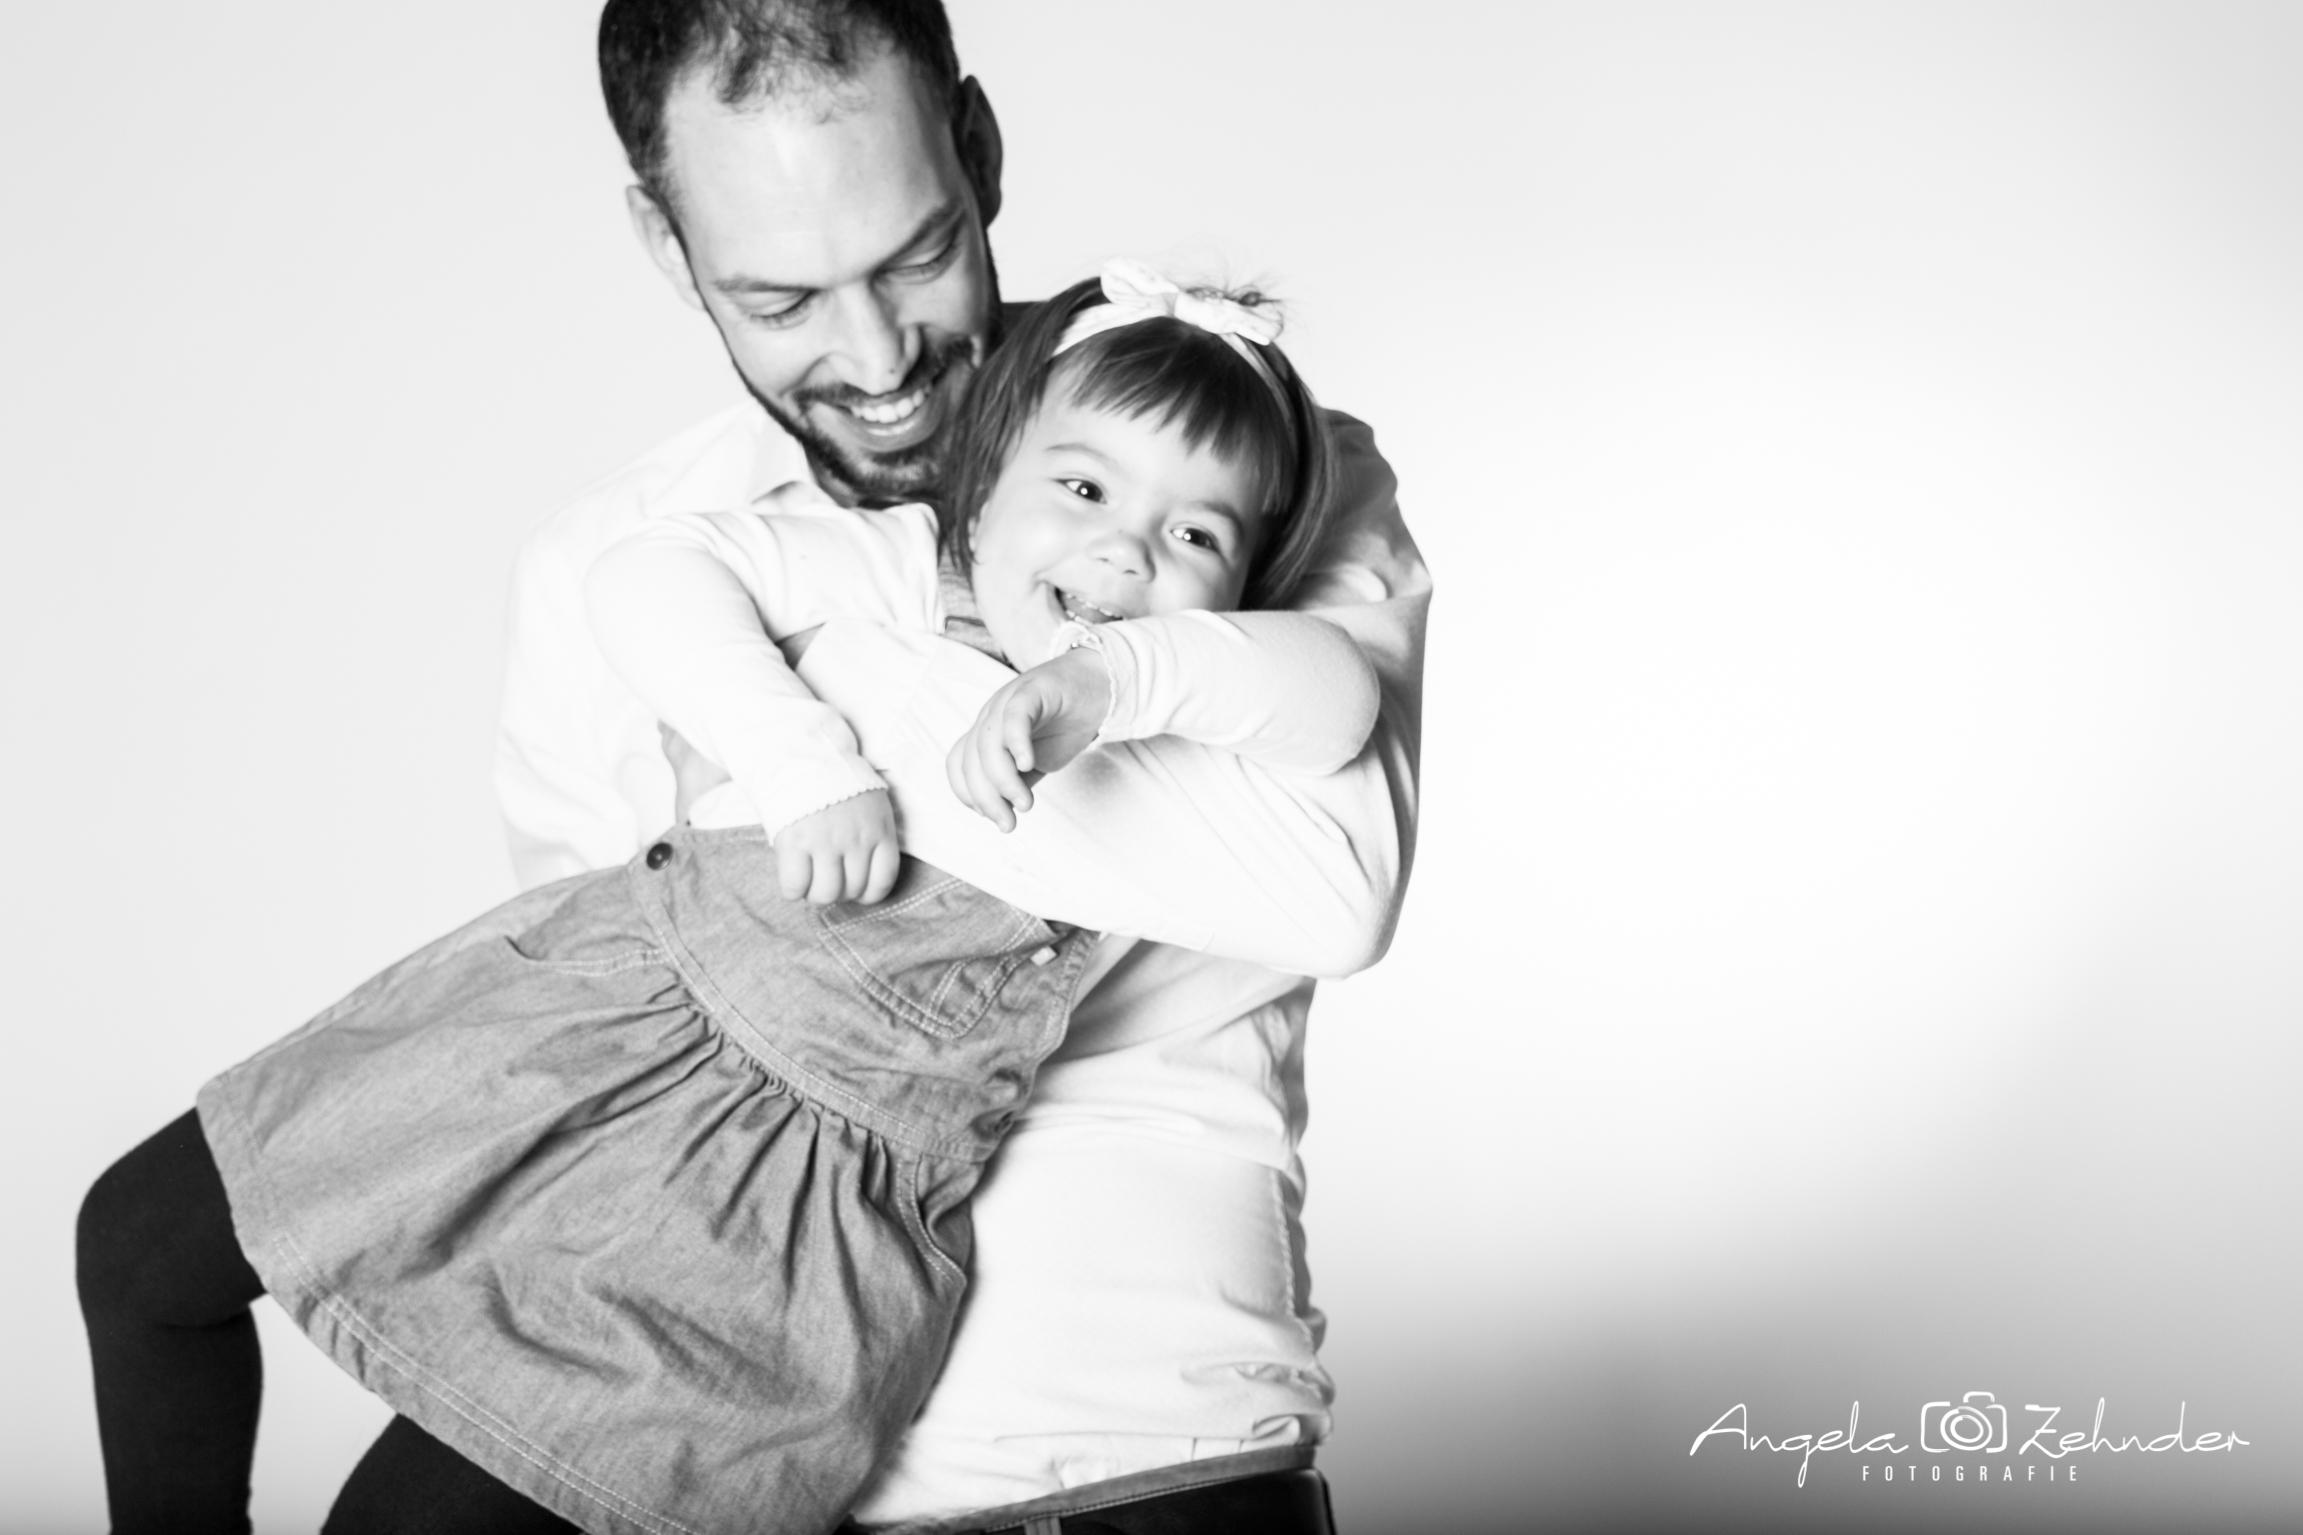 angel-zehnder-fotografie-family-34